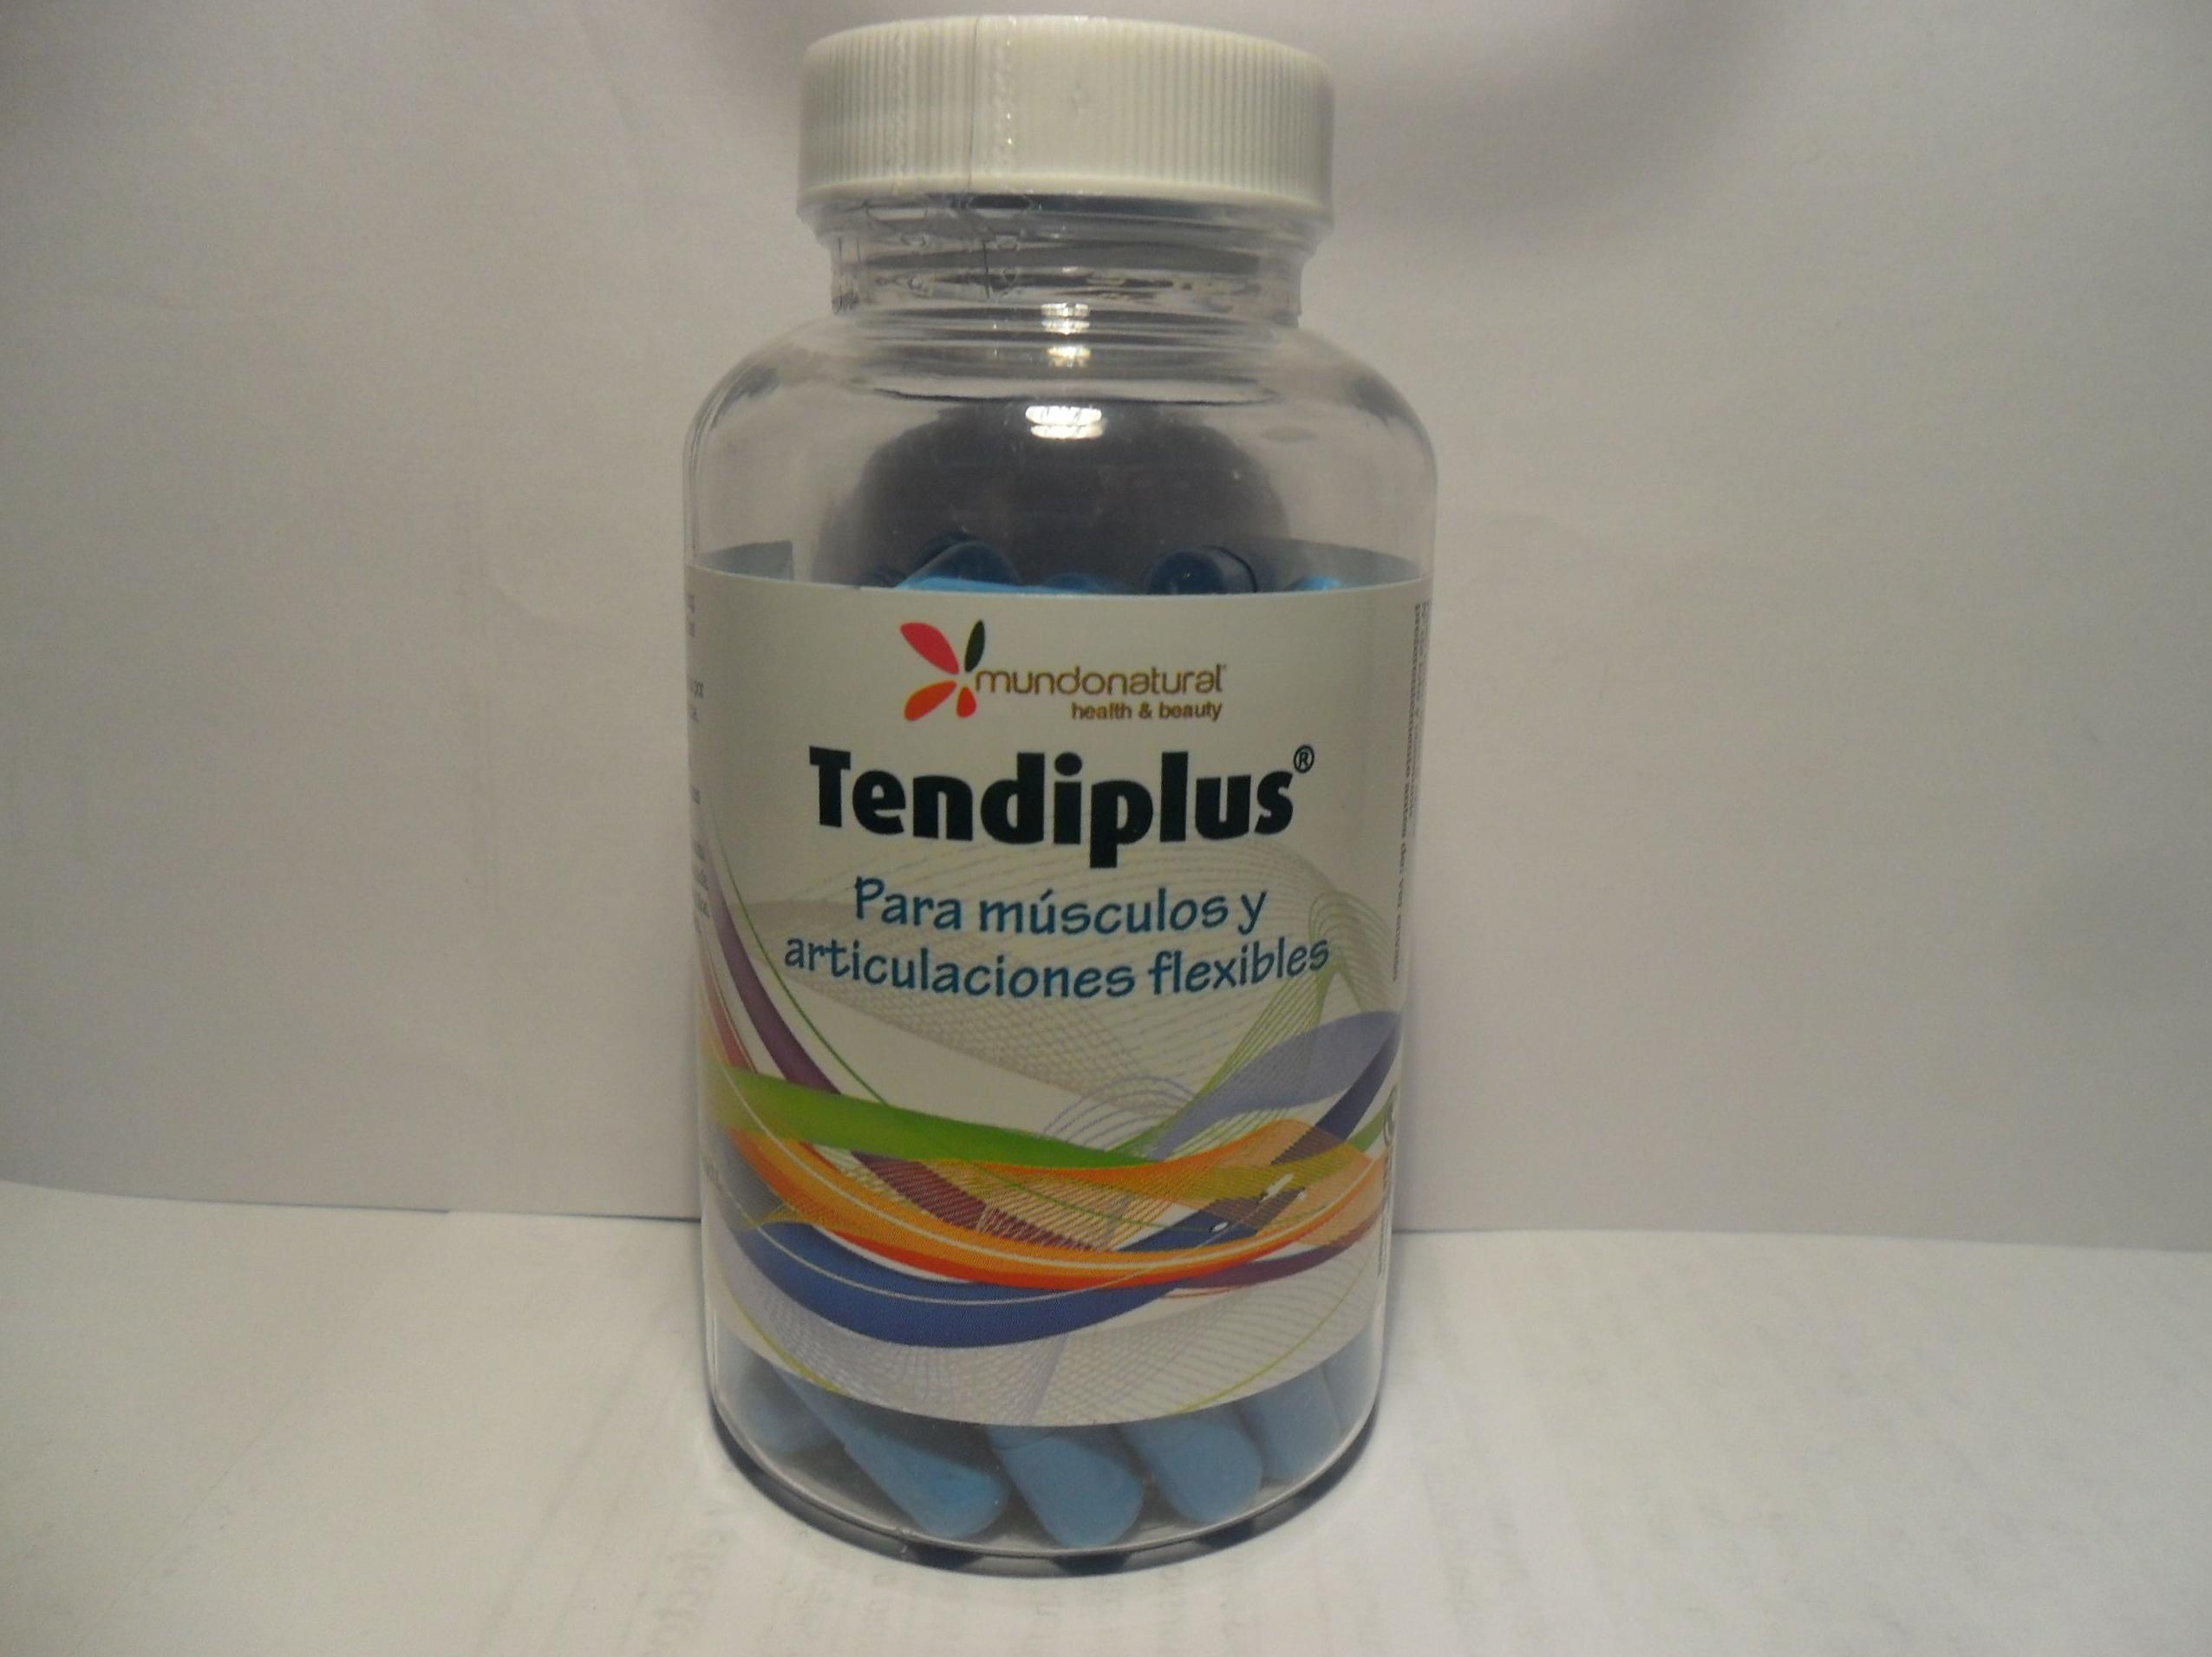 Tendiplus: Catálogo de productos de Herbolario El Monte